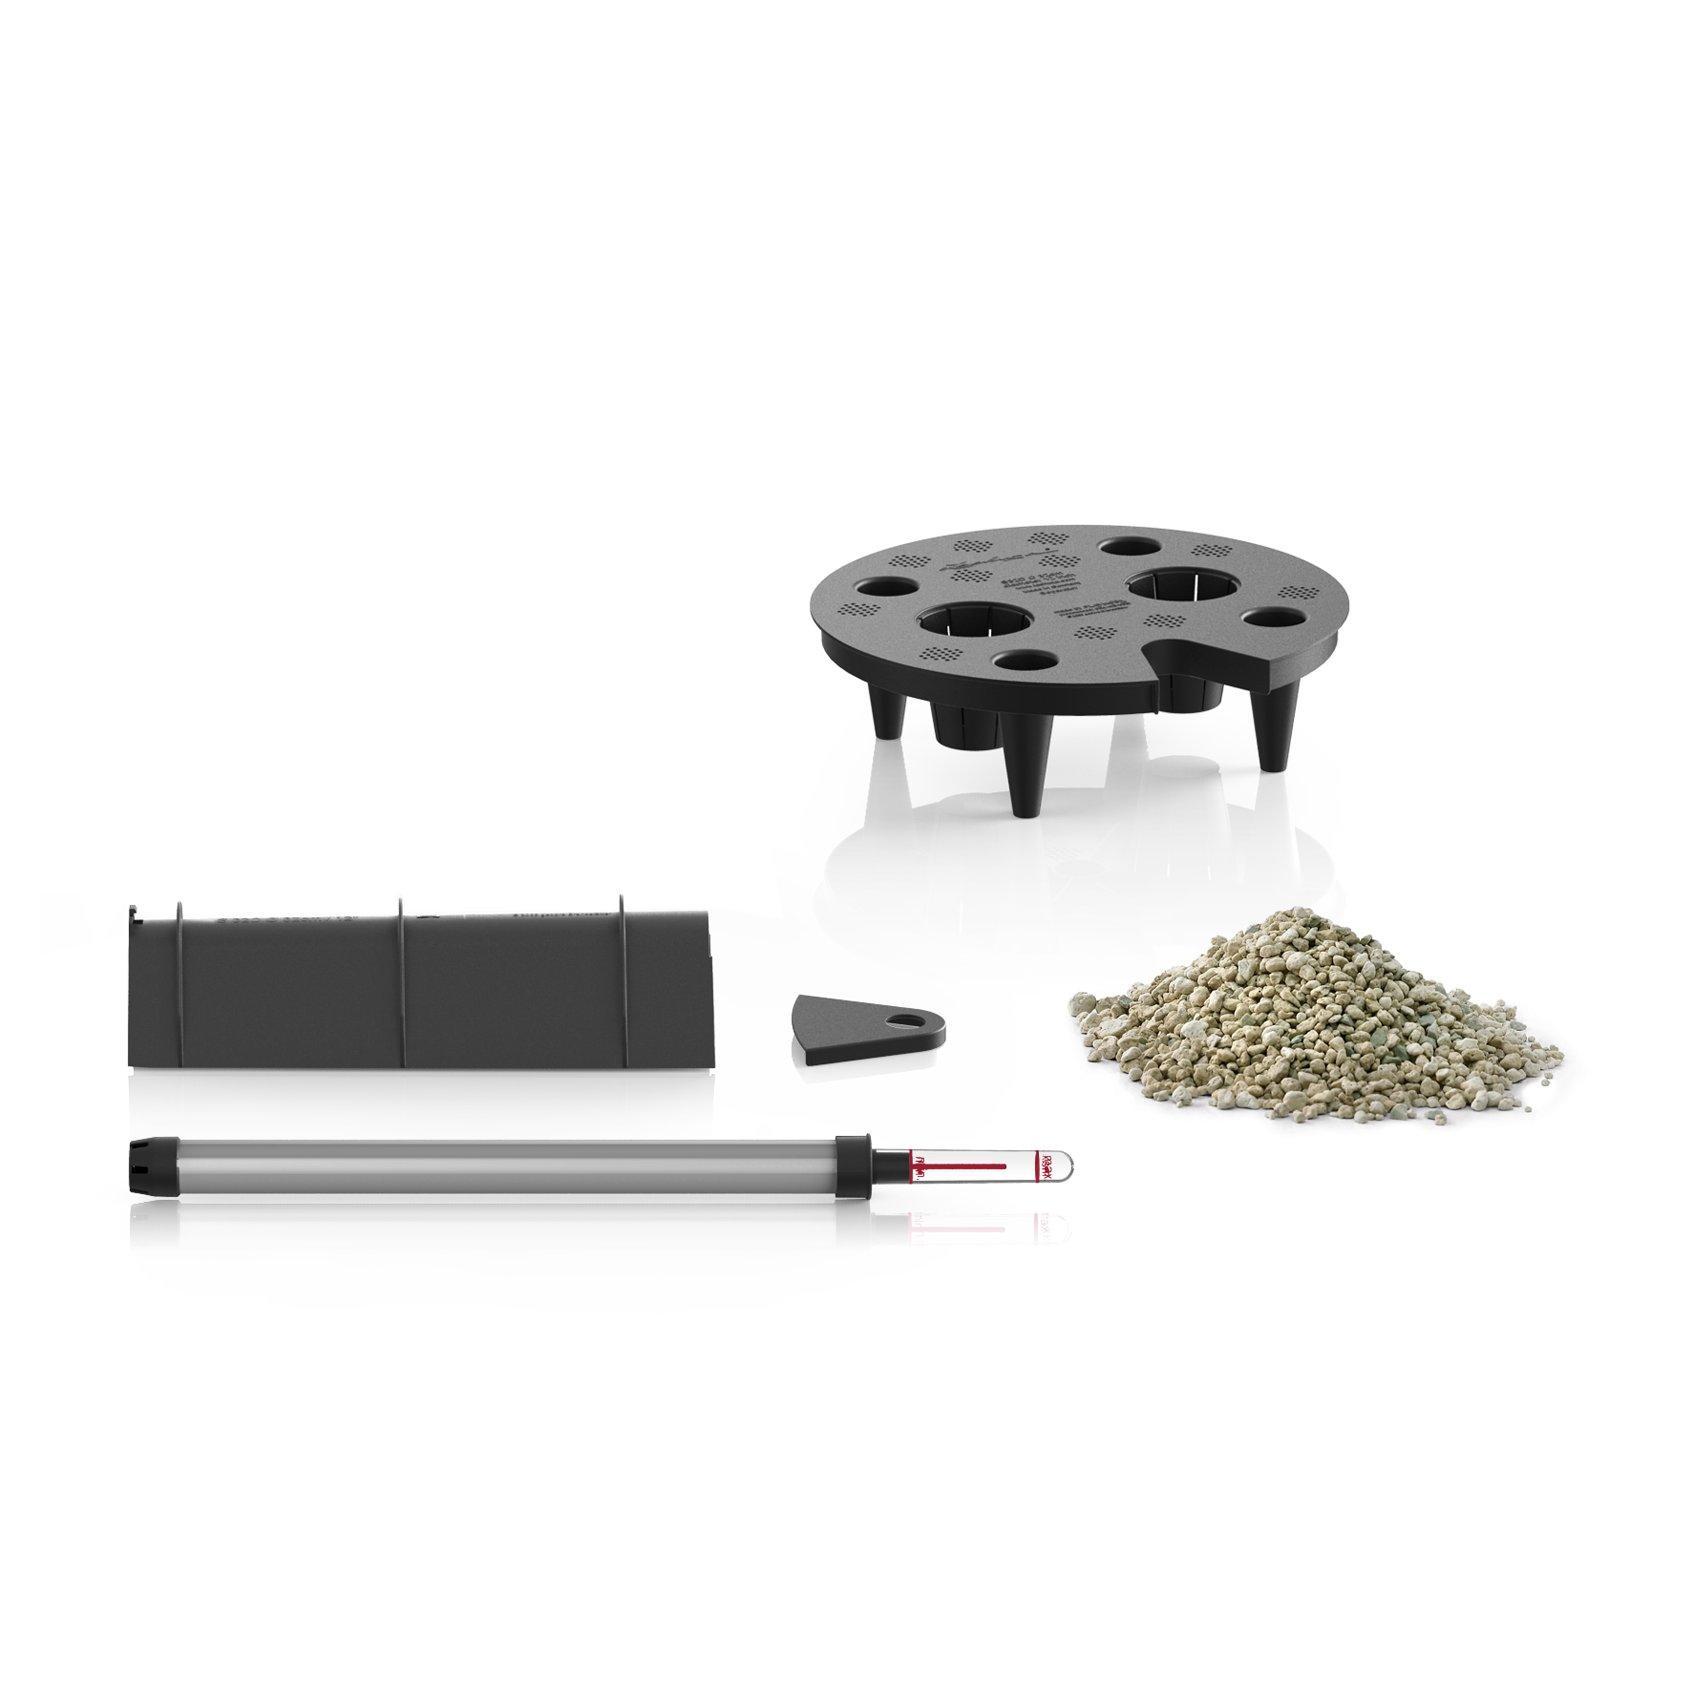 erdbewaesserungsset-cilindro-rondo-diamante-puro_product_listingimage